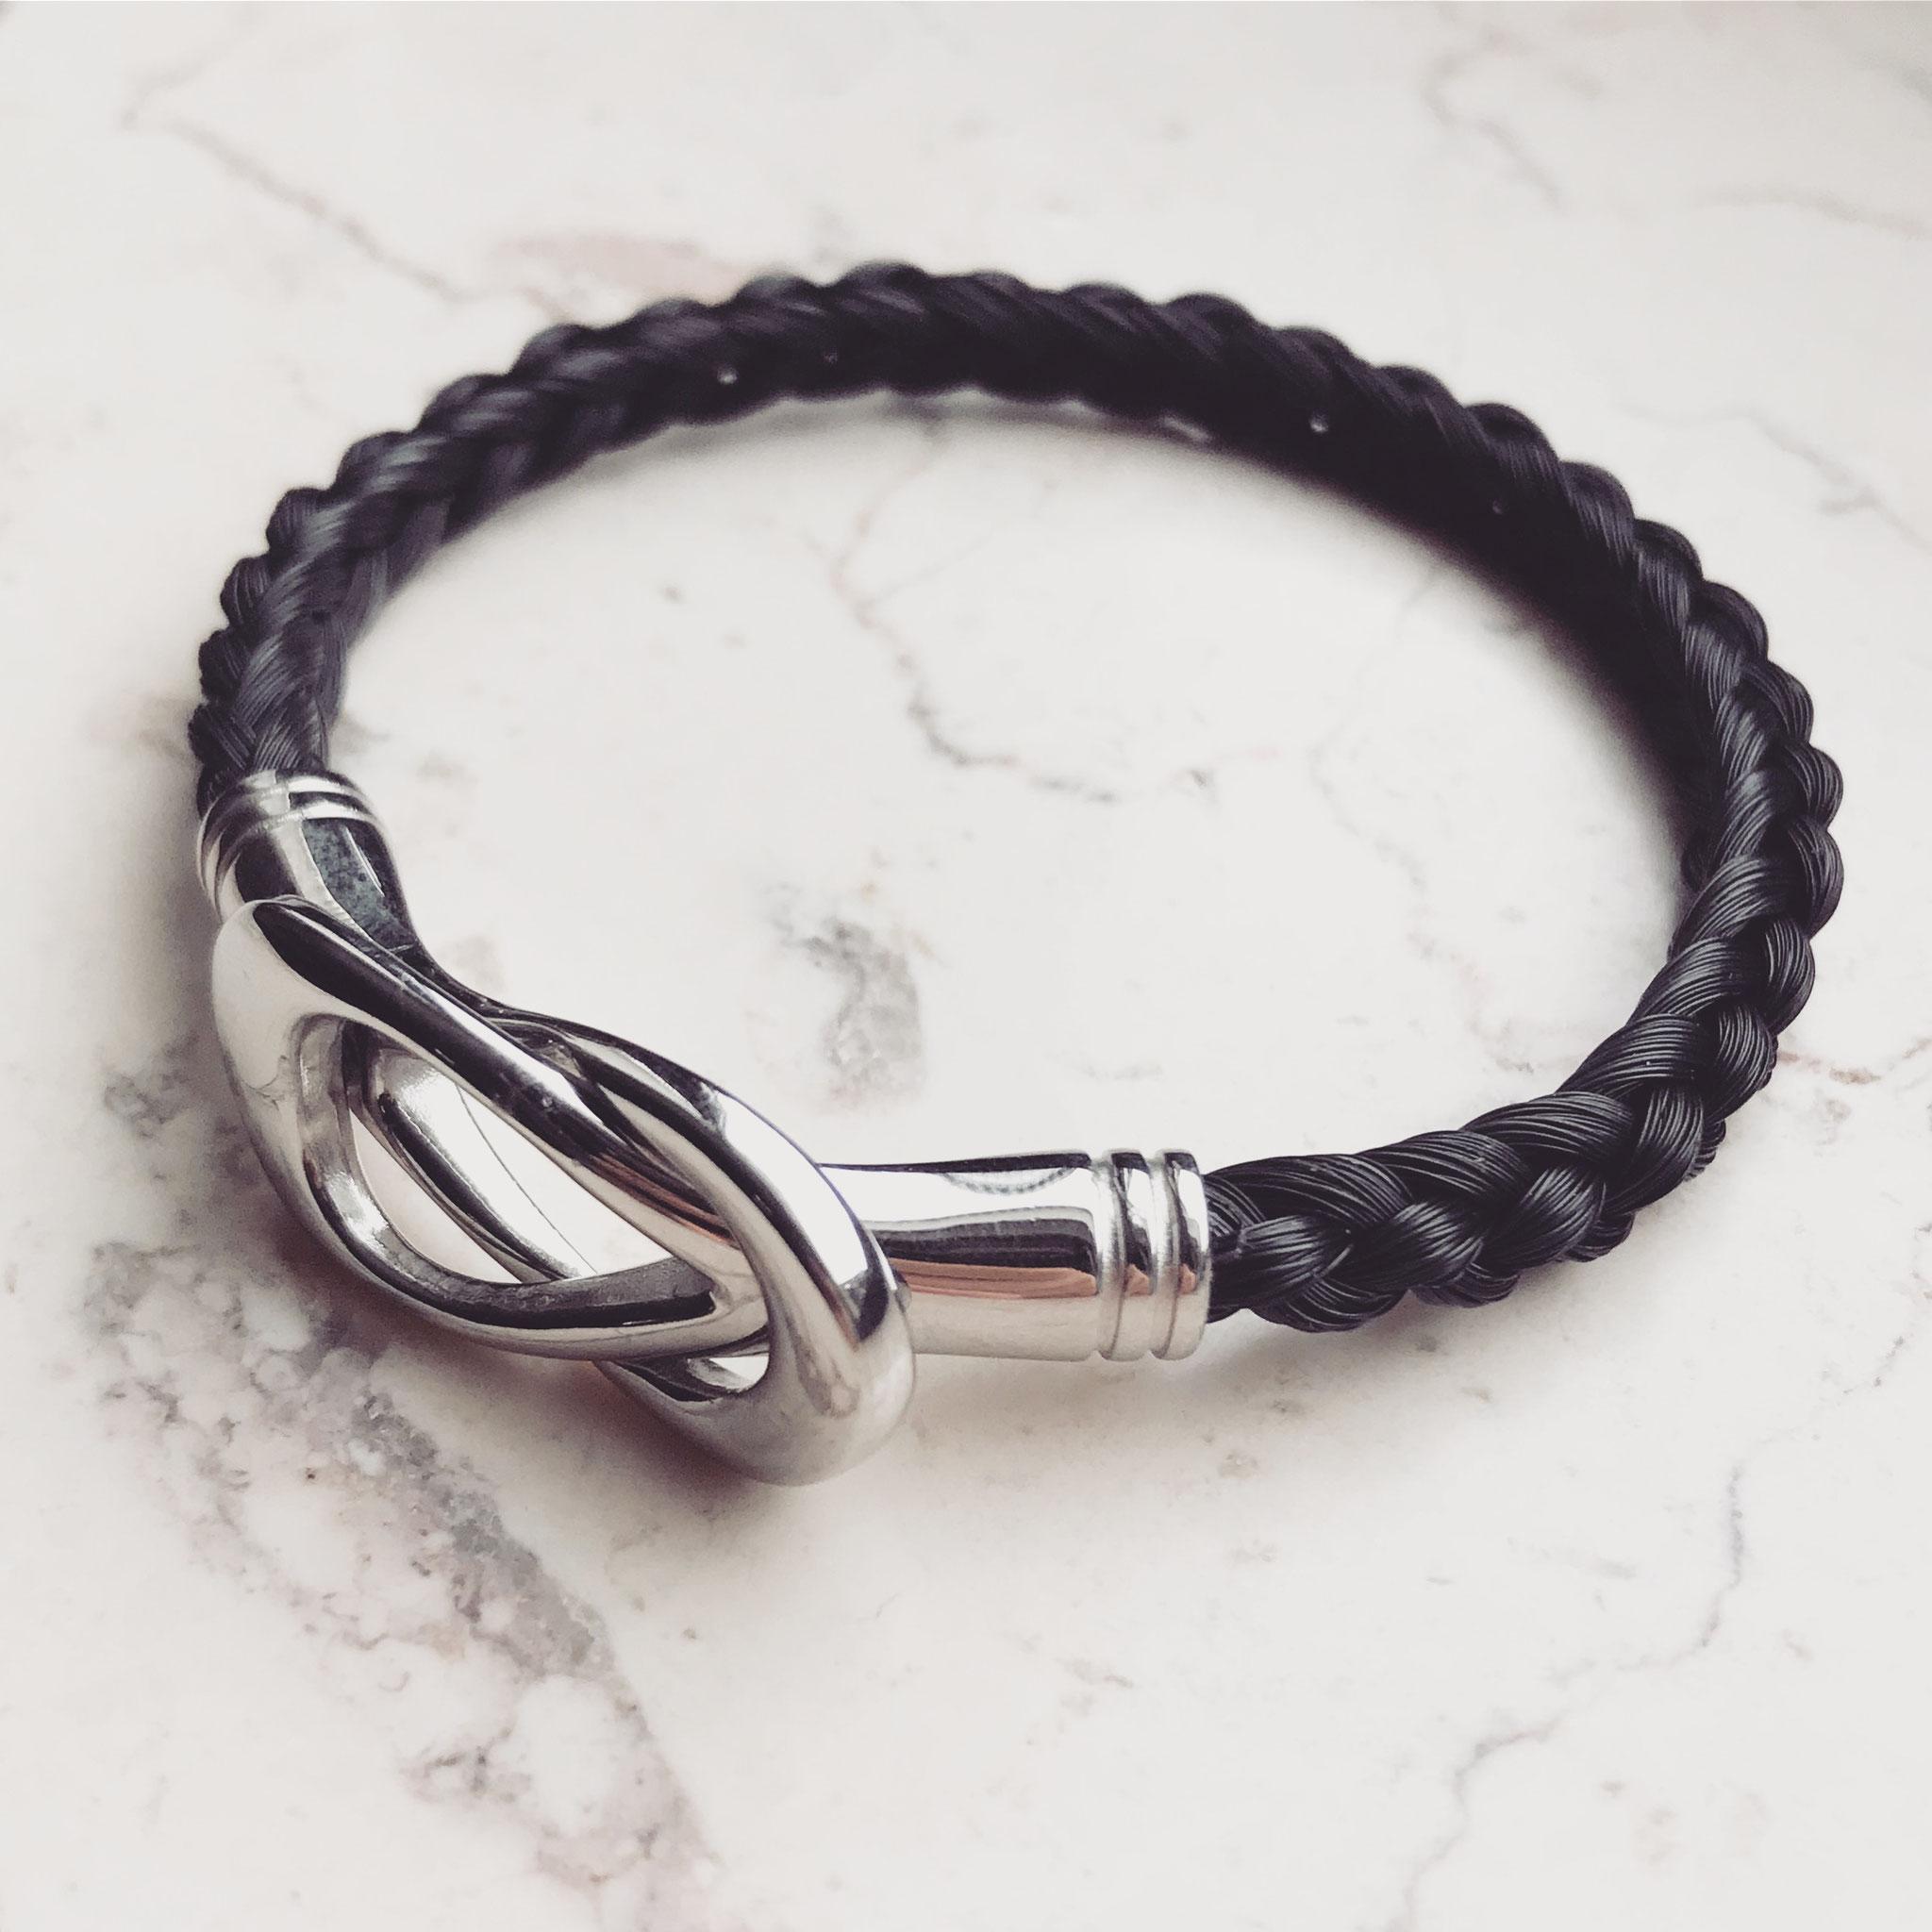 Armband, 6-fach halbrund geflochten mit Edelstahl Schleifenverschluss.